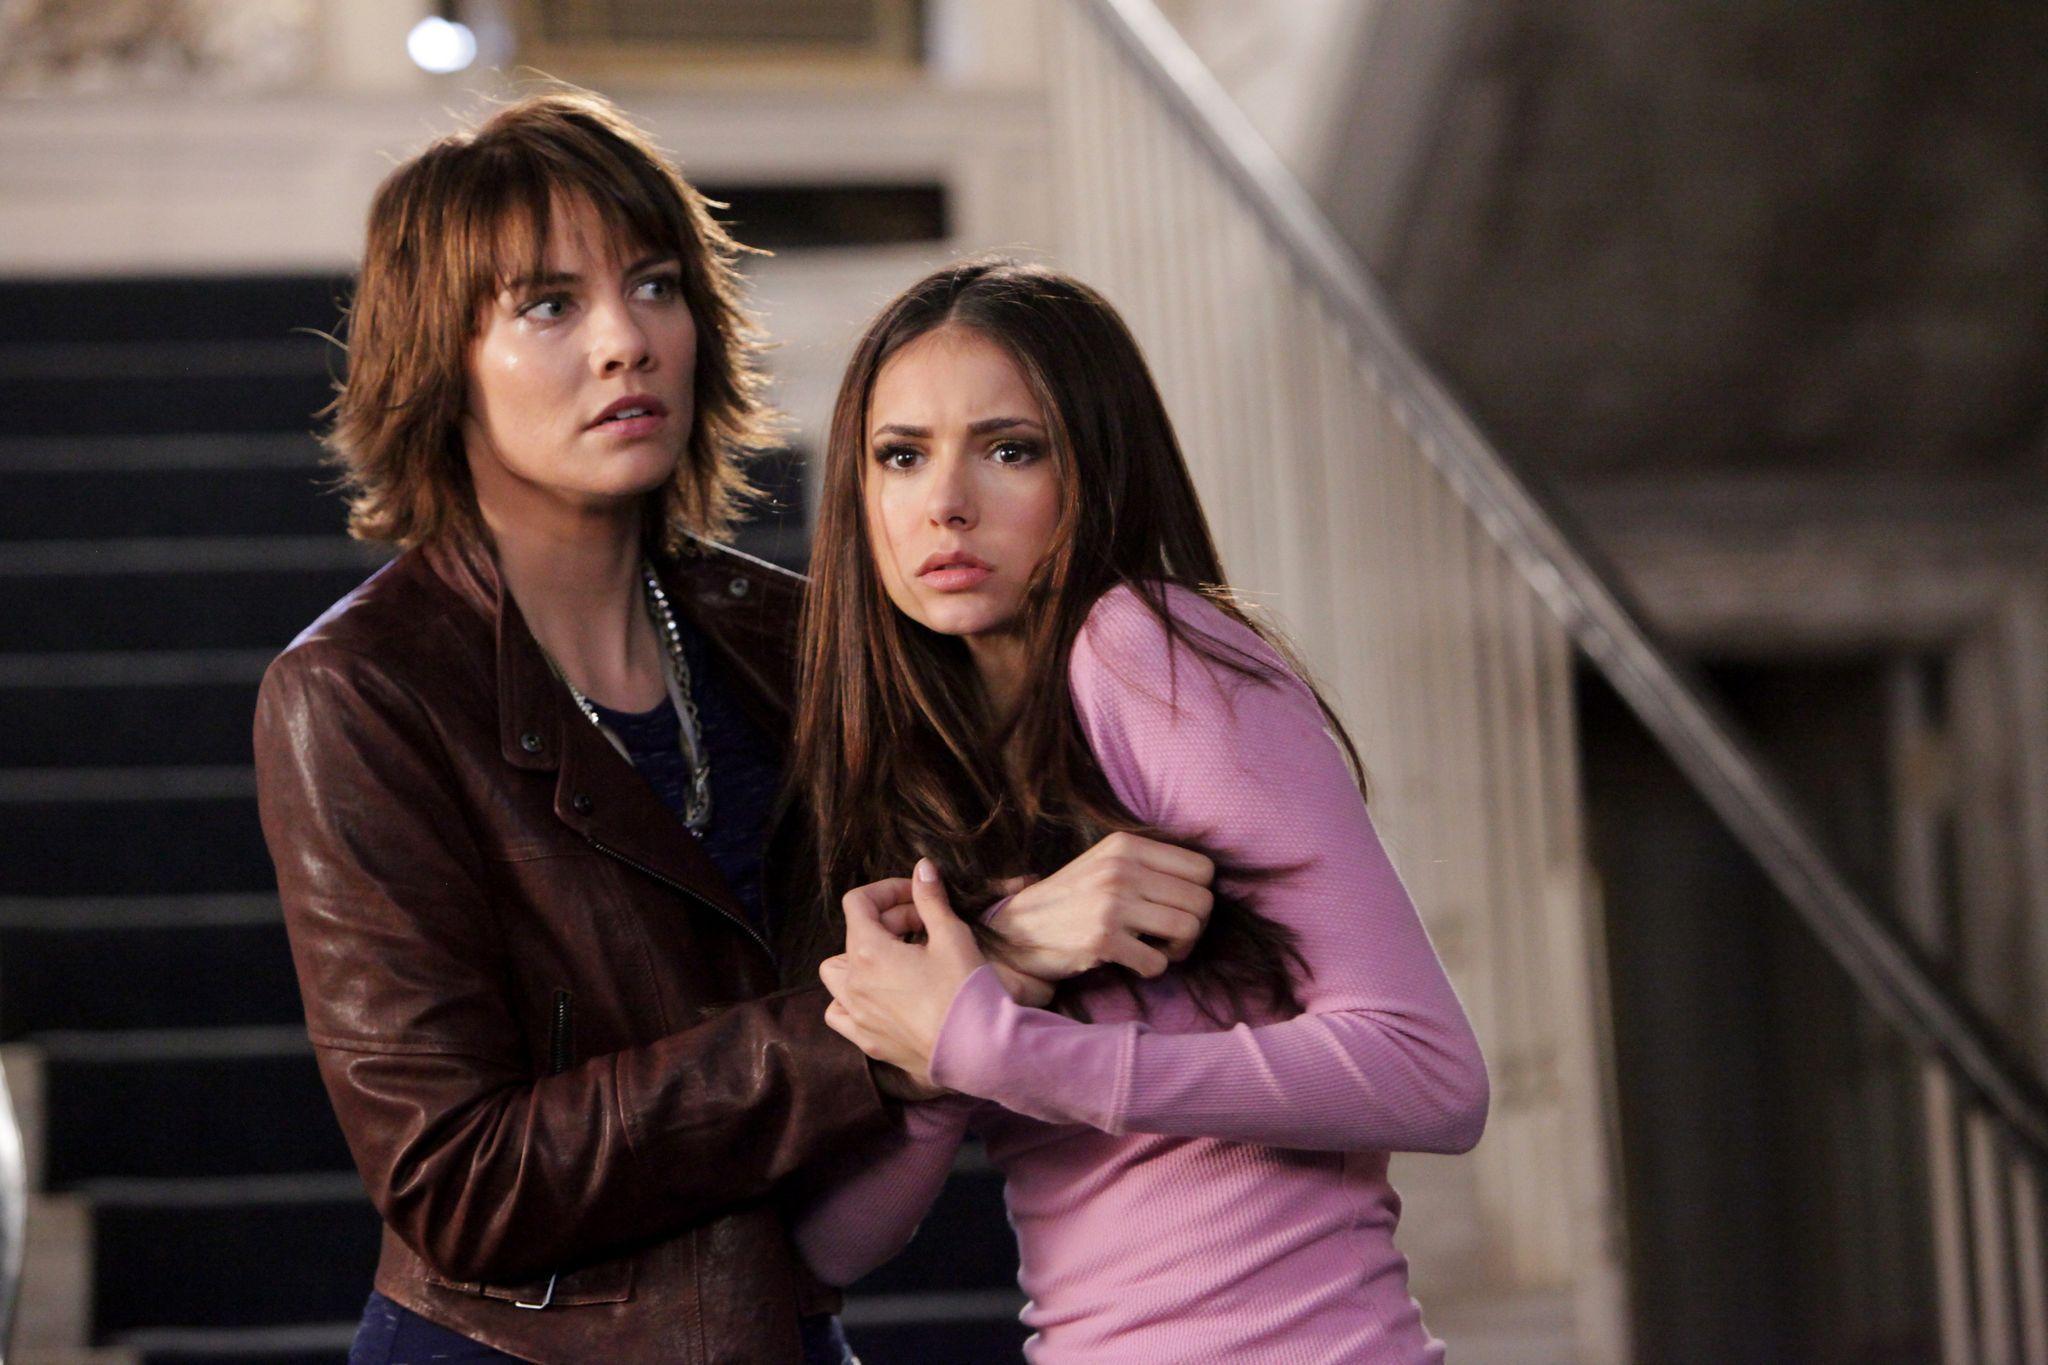 New Season 2 Stills - 2x08, 2x11, 2x14 (HQ).